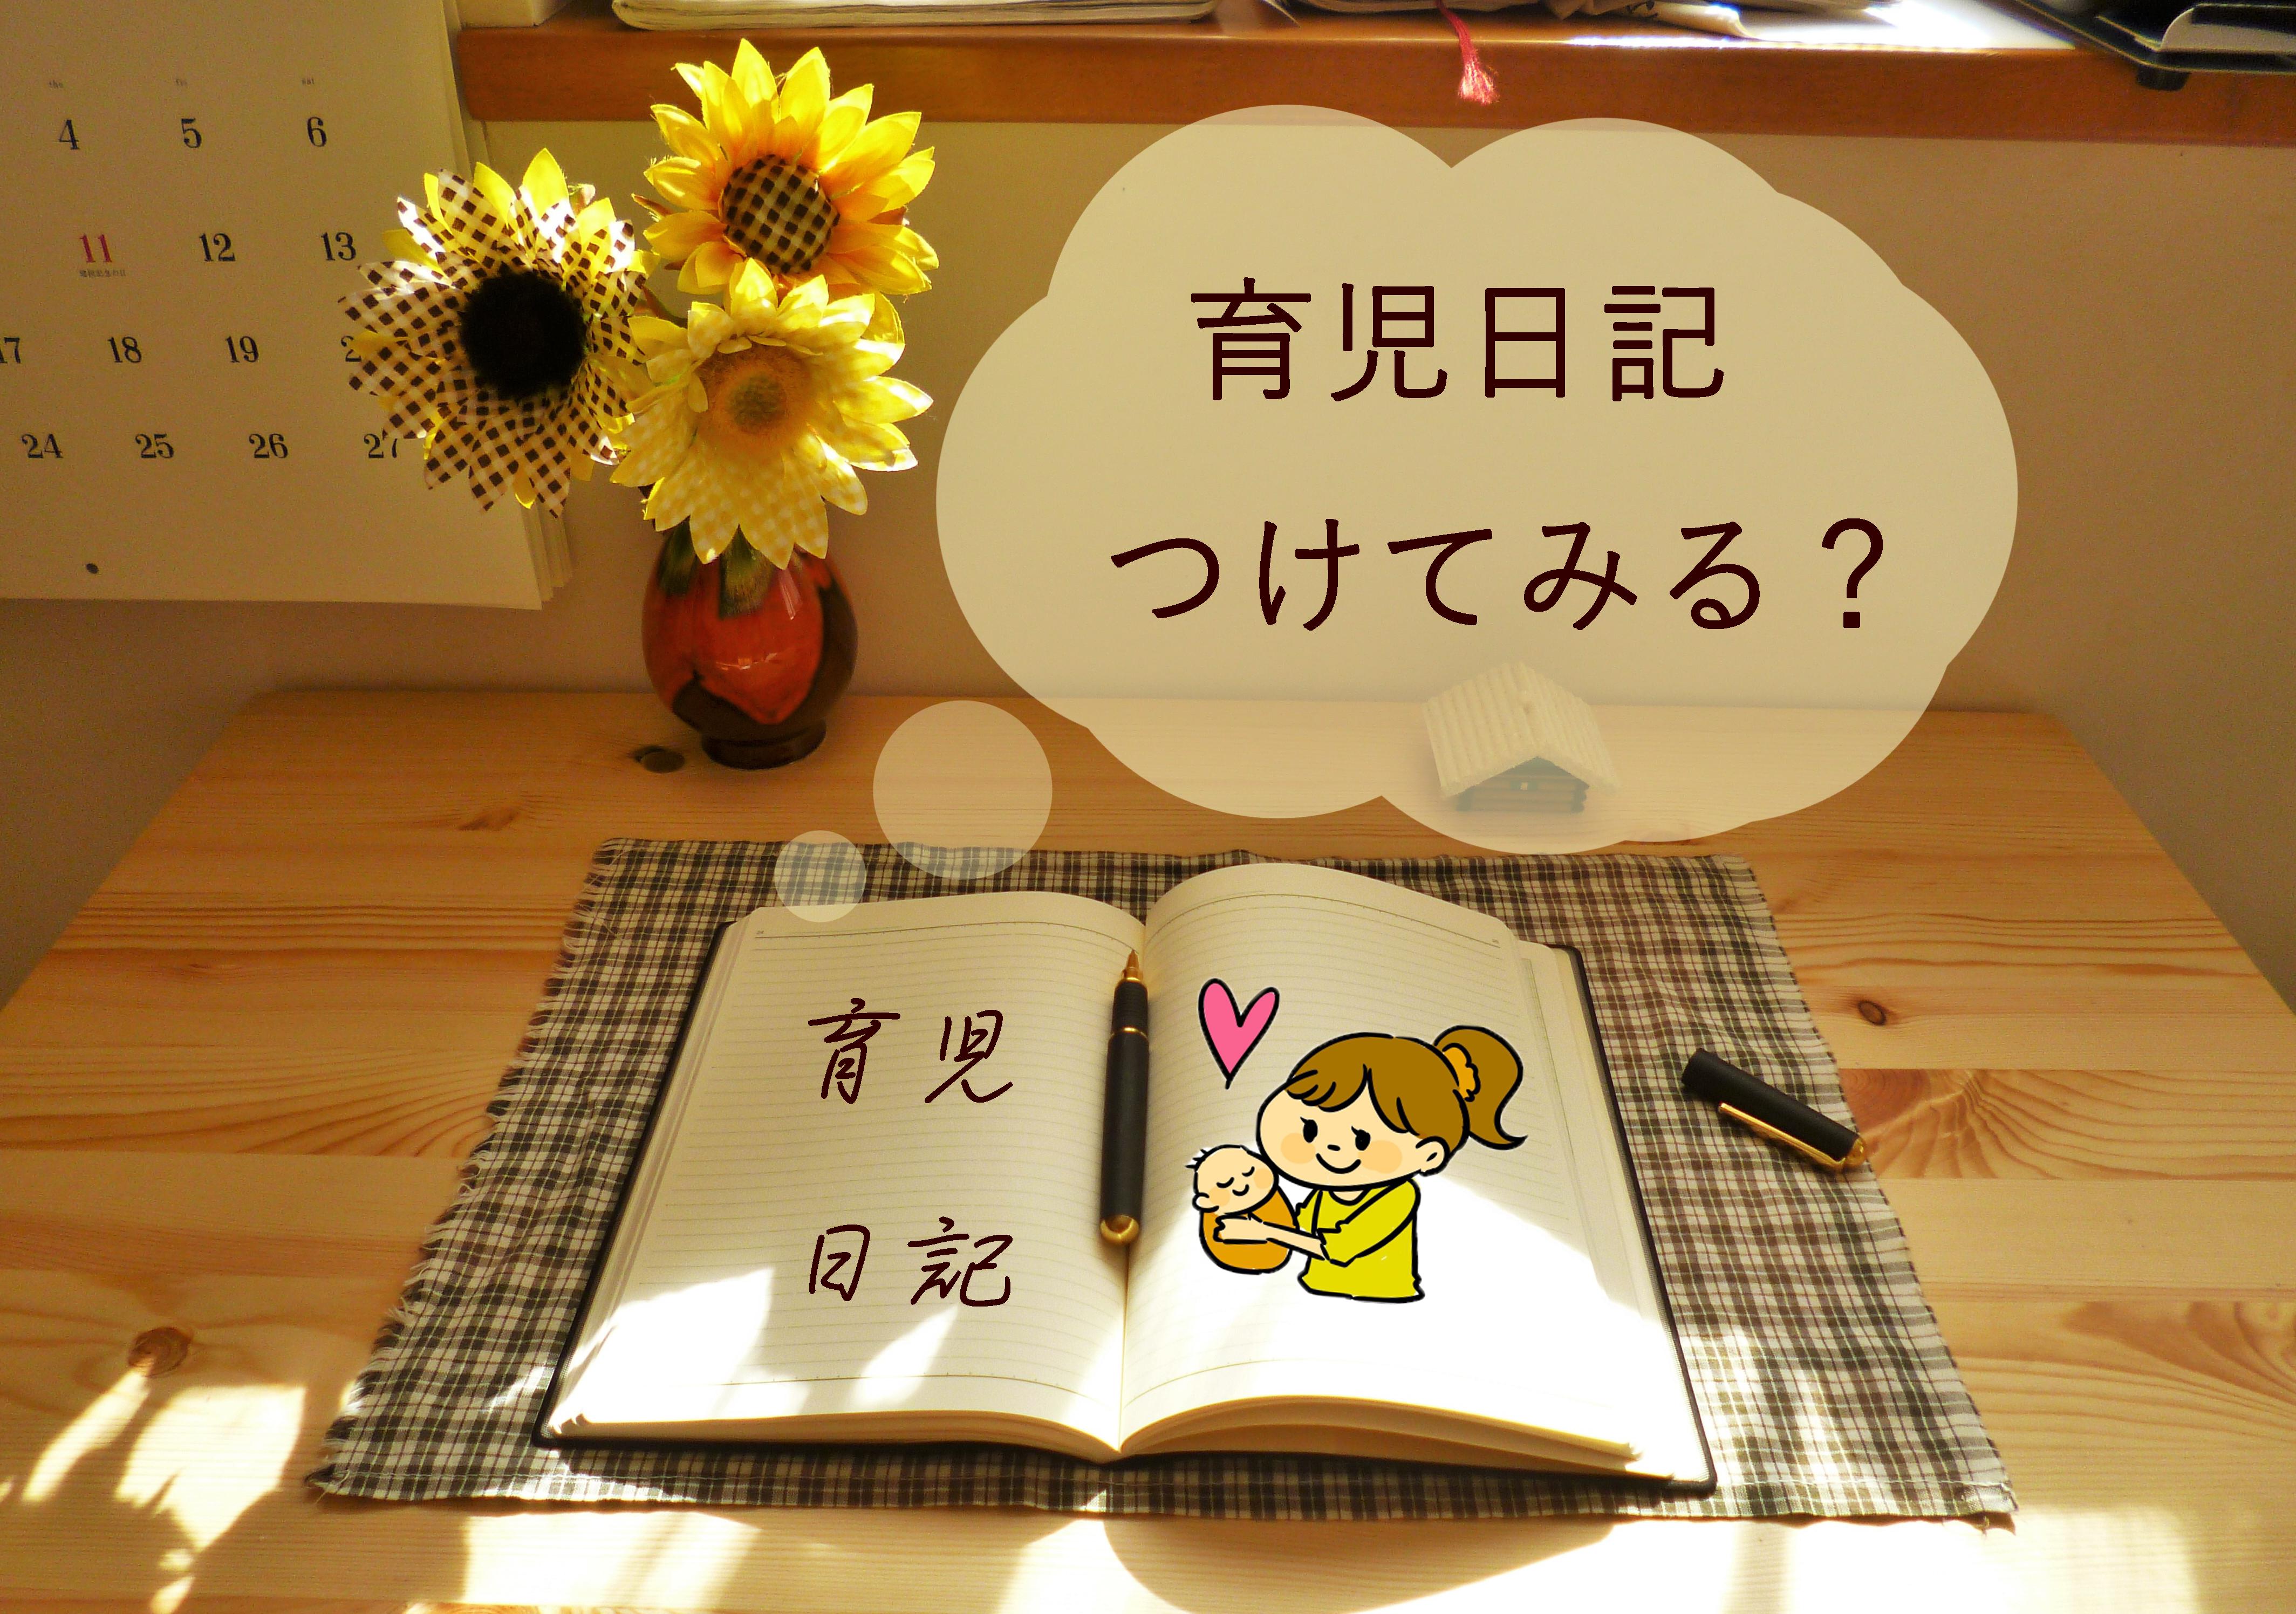 育児日記の書き方を紹介♪ポイントは好きなように書くこと!